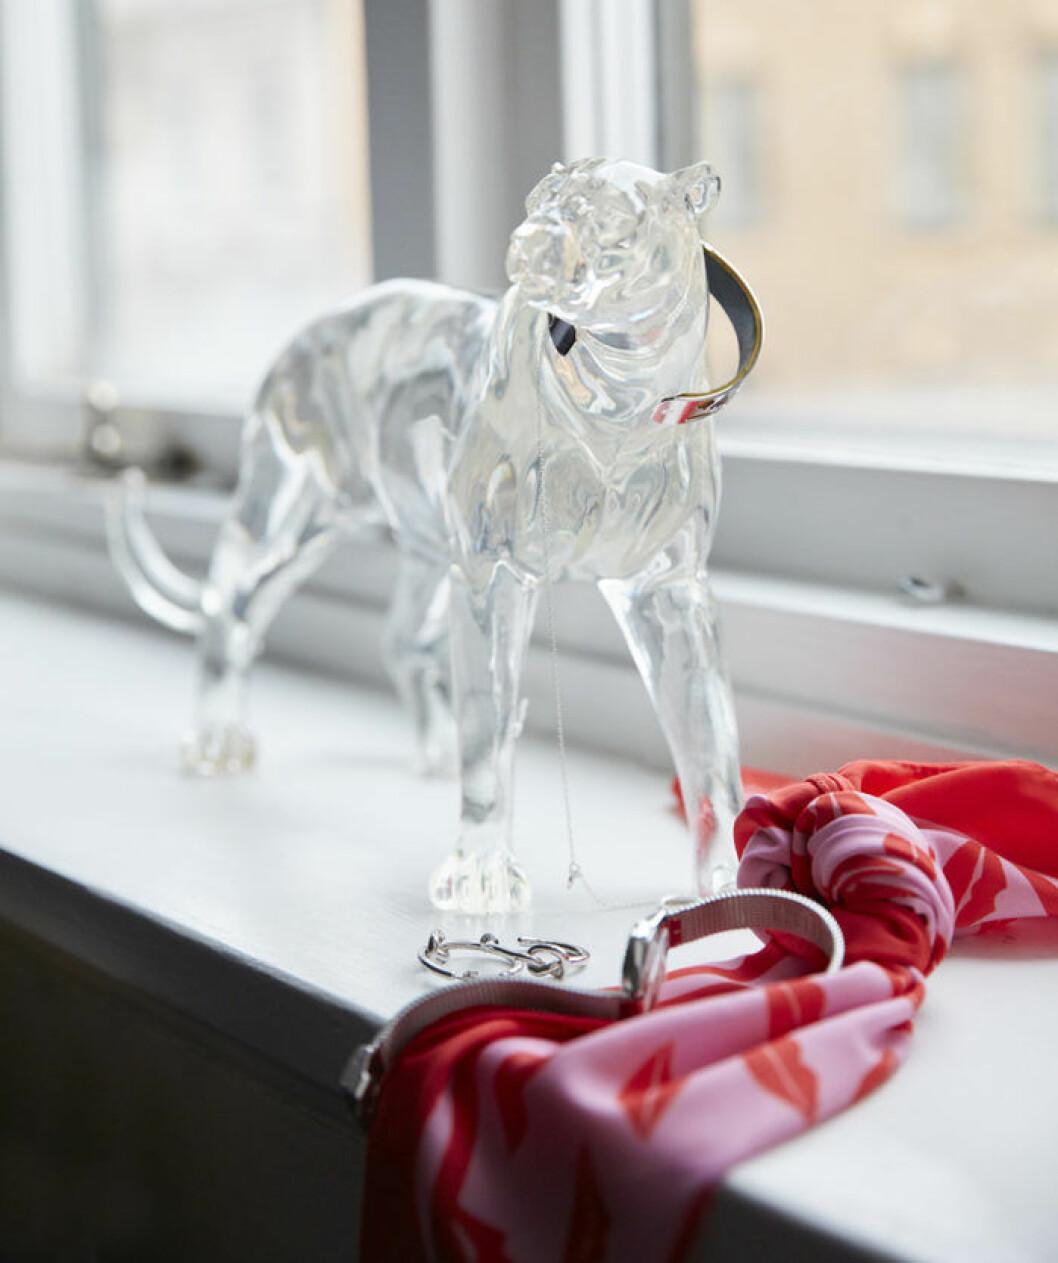 Vildkatt i glas, smyckeshållare från Jotex. Jotex vårnyheter 2018.